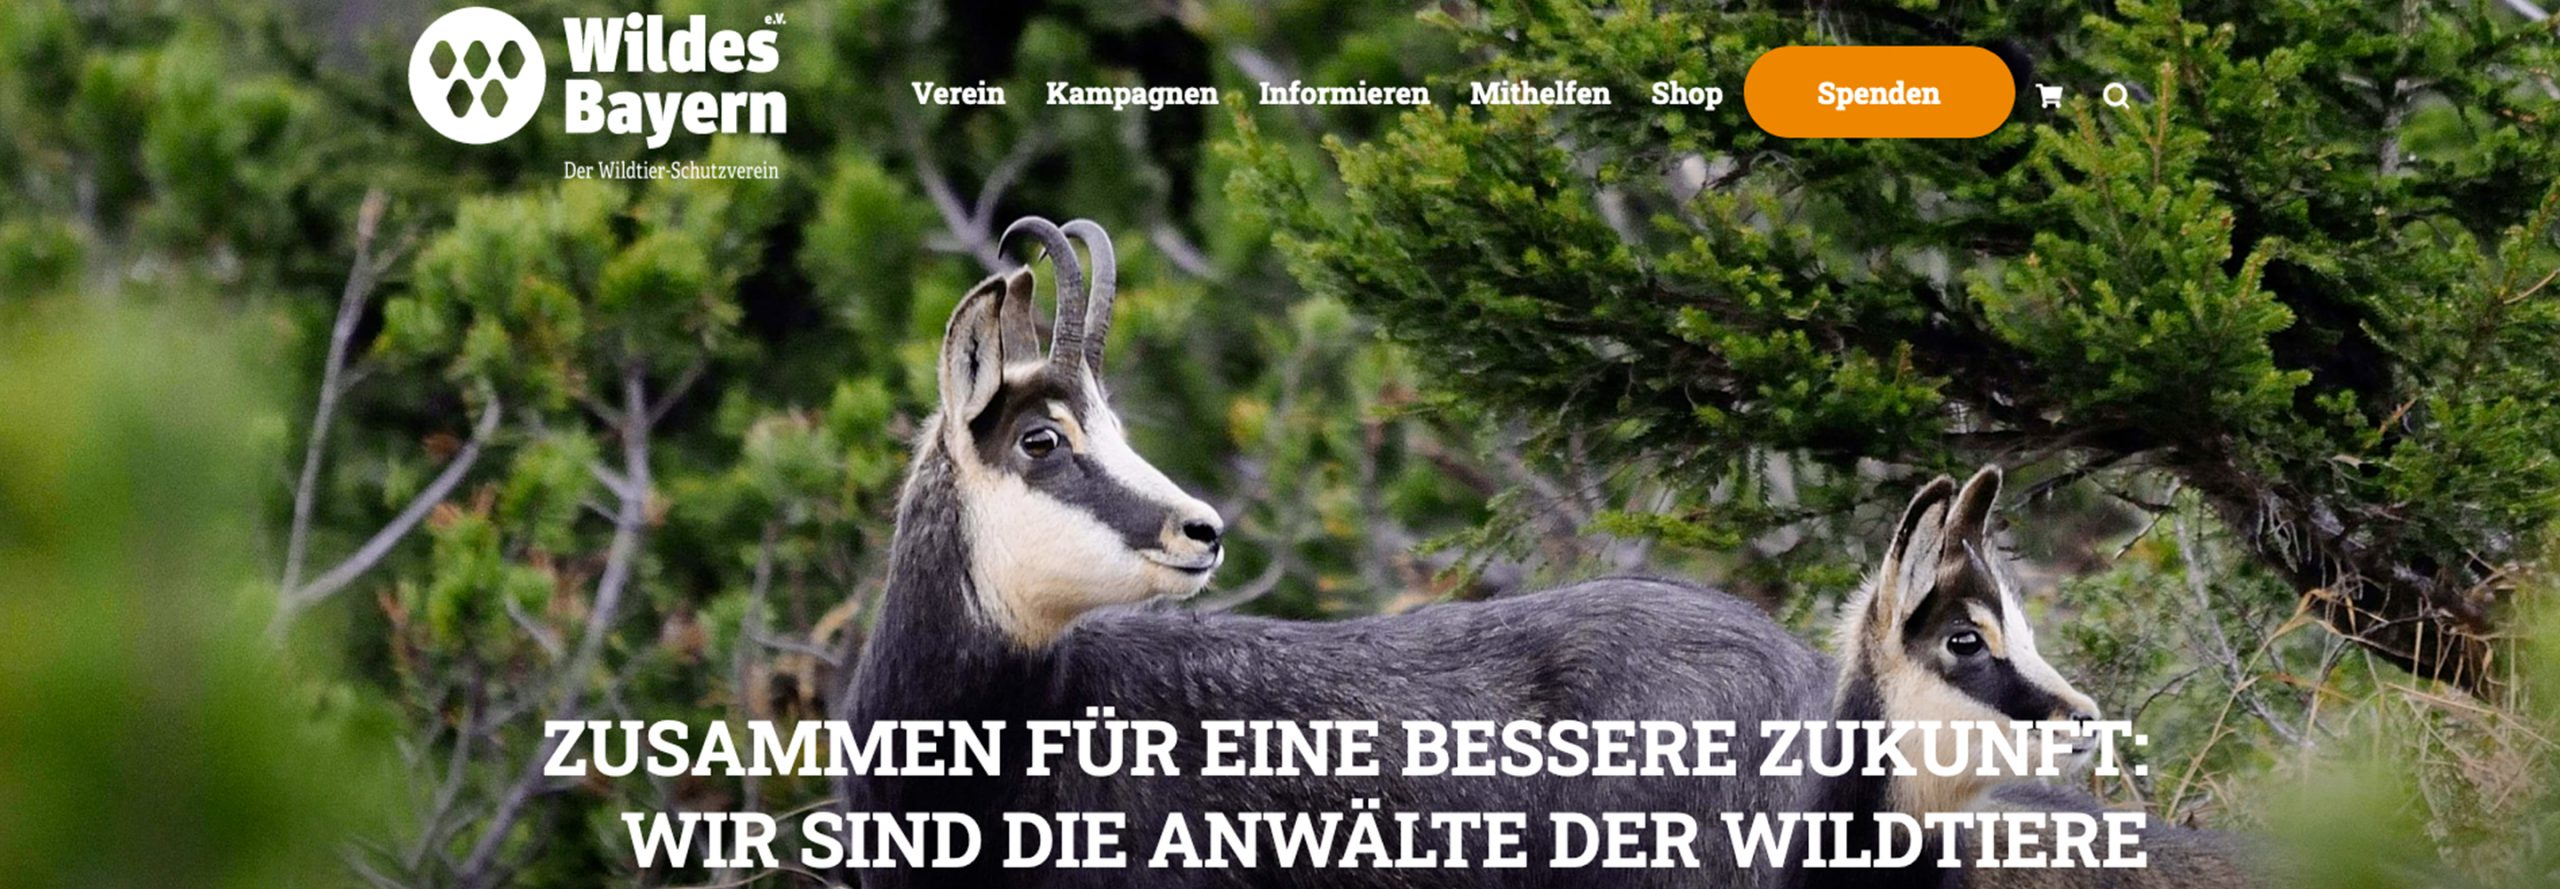 Wildes-Bayern-Header_2880x1000